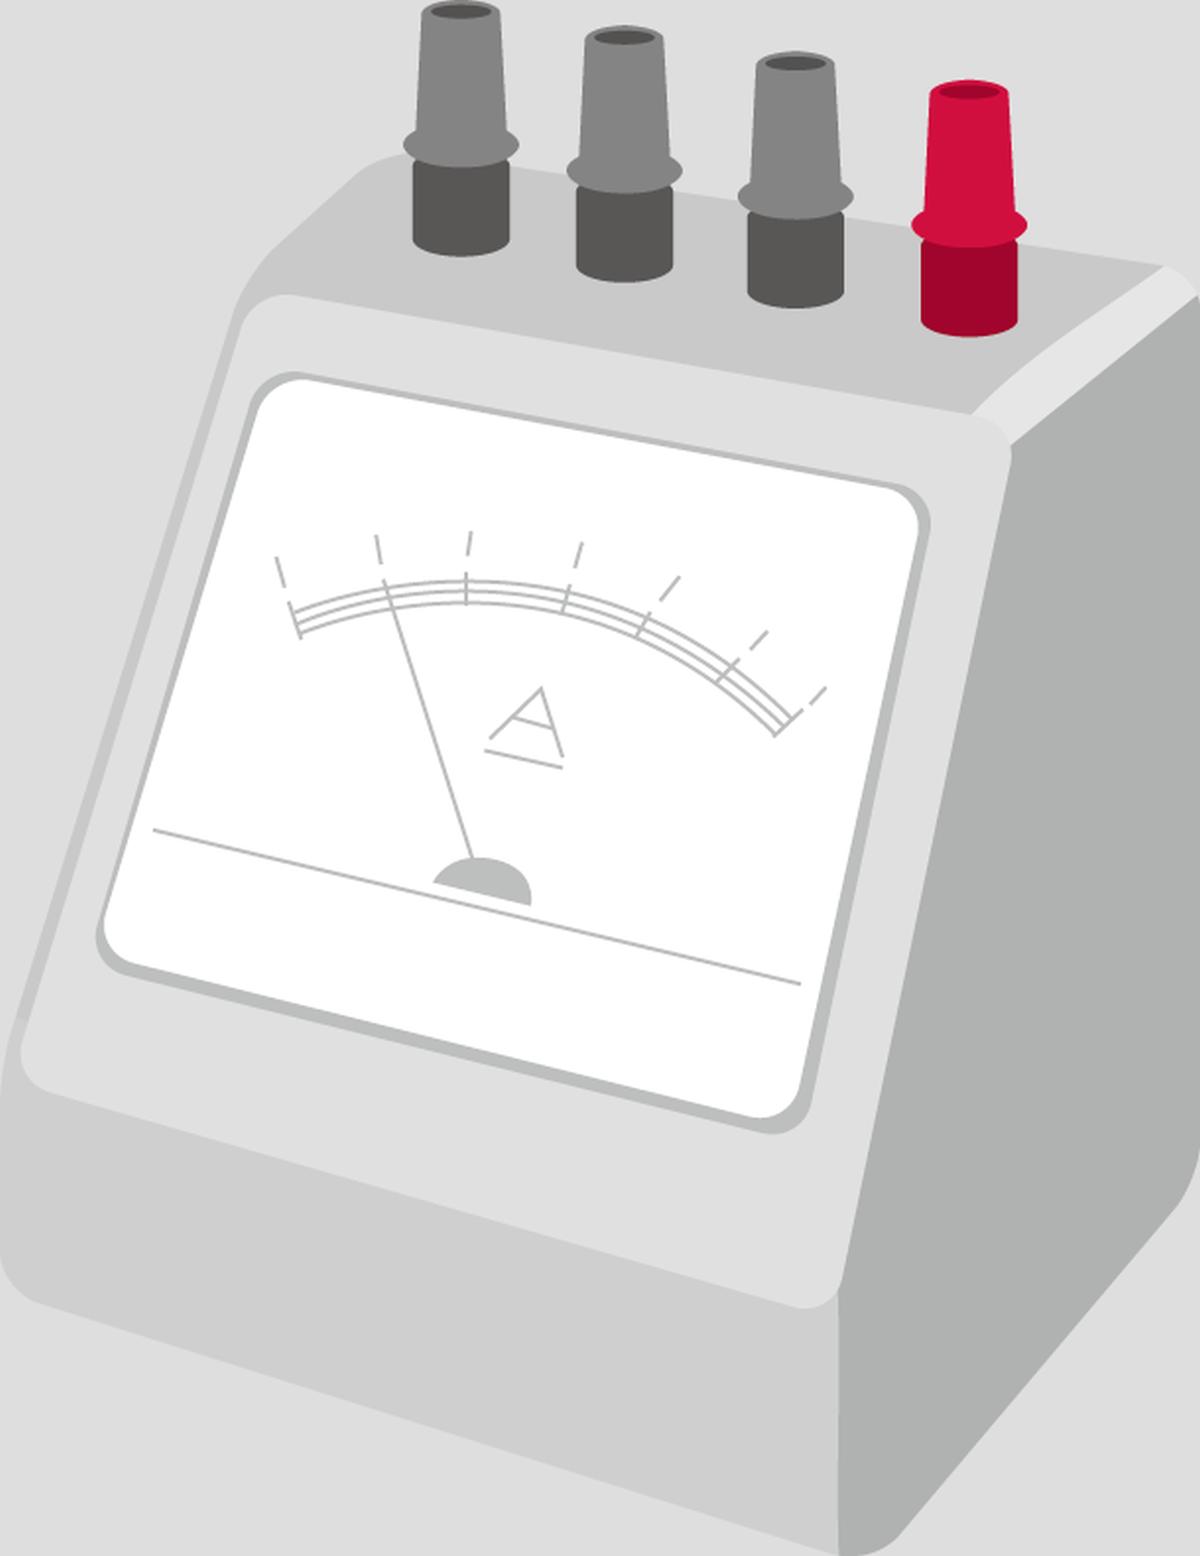 電流計のイメージイラスト